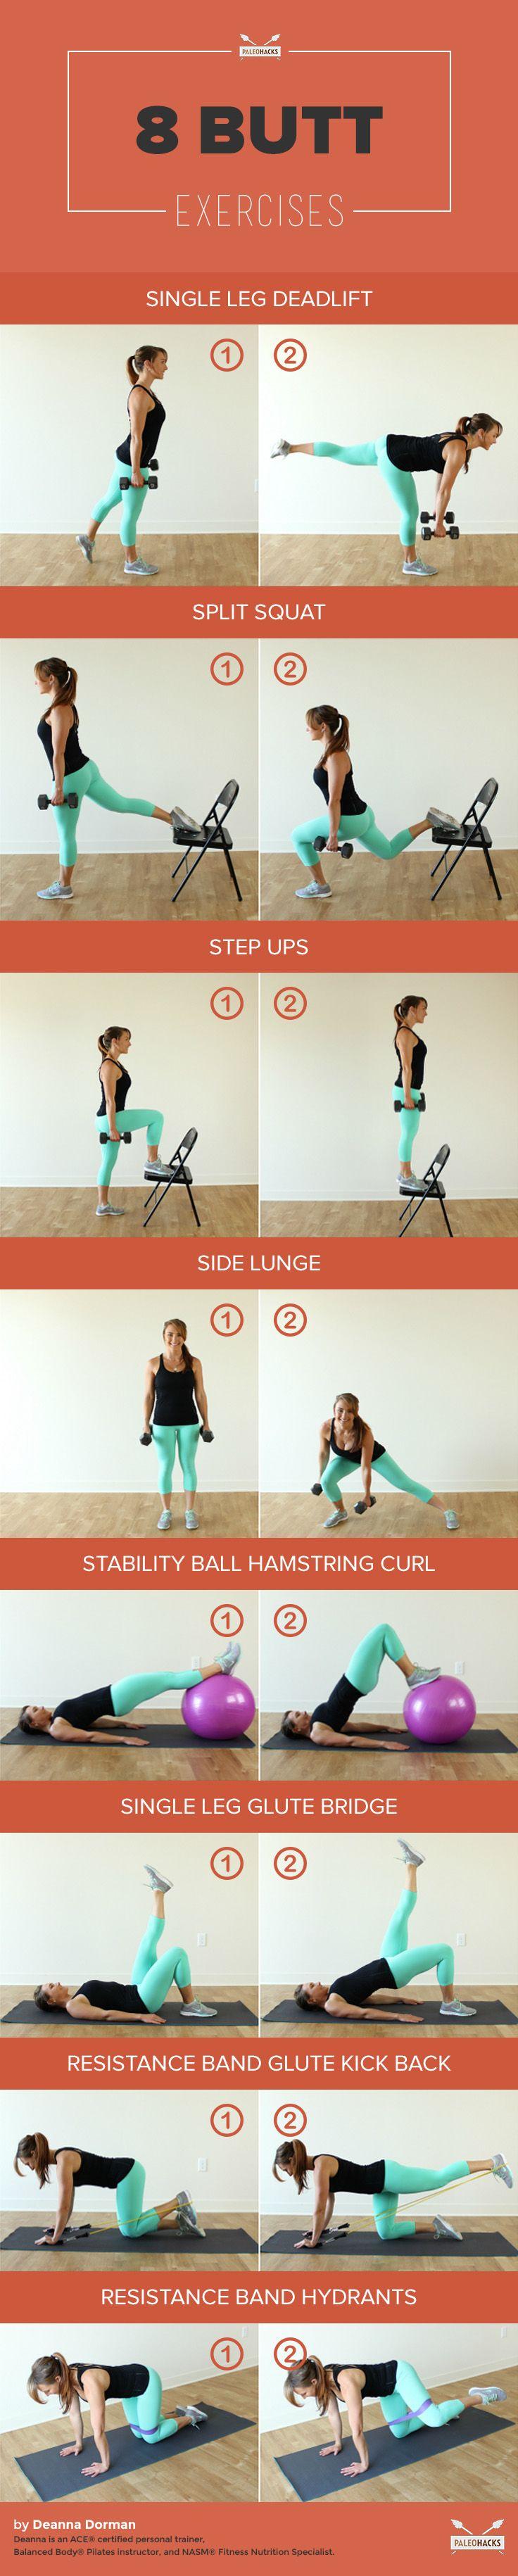 8_butt_exercises.jpg